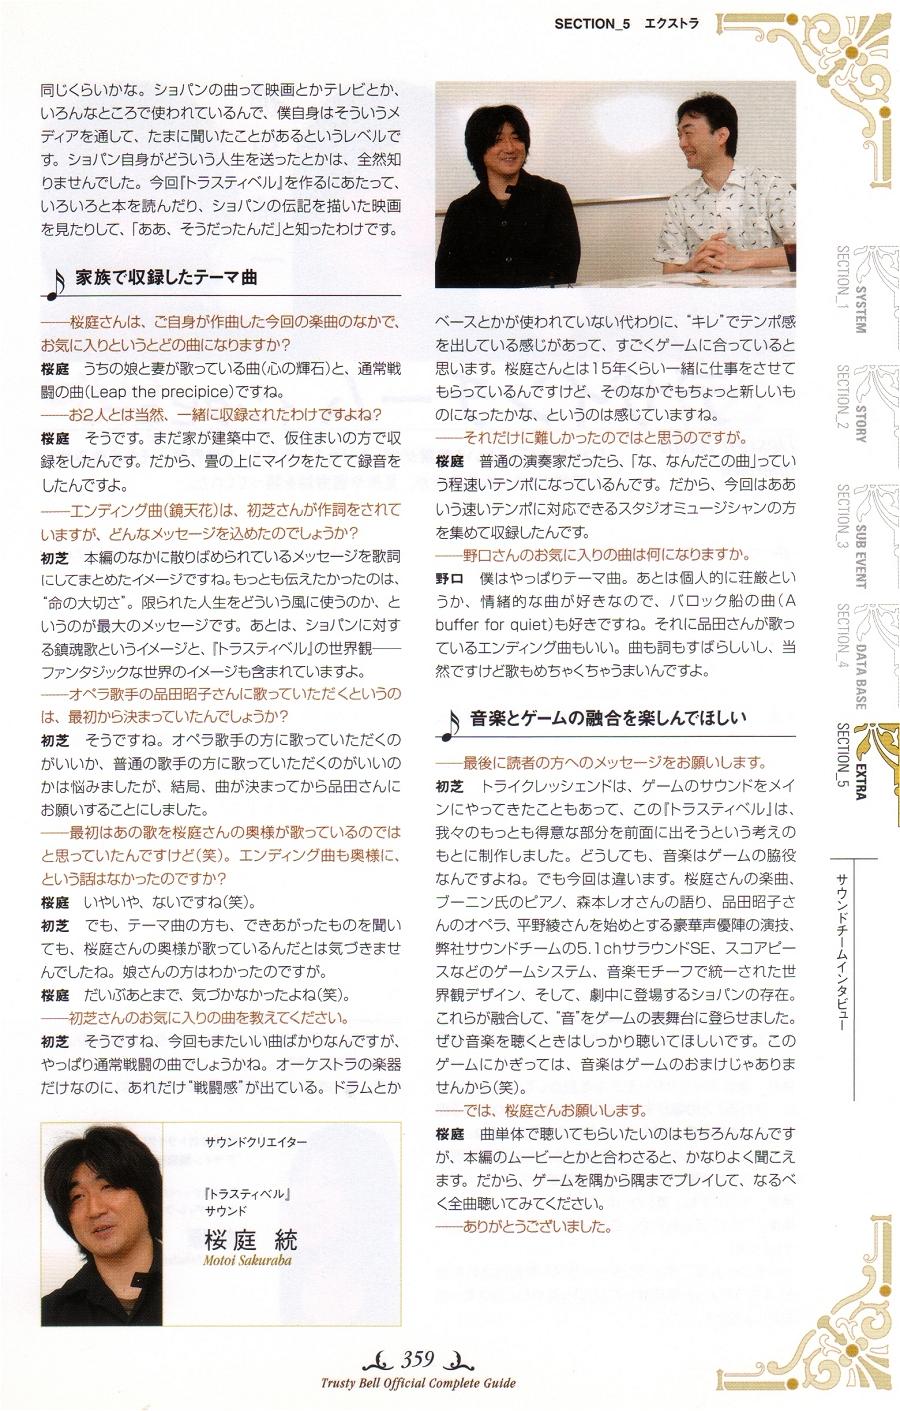 Eternal Sonata - Interview - Sound team - Sakuraba